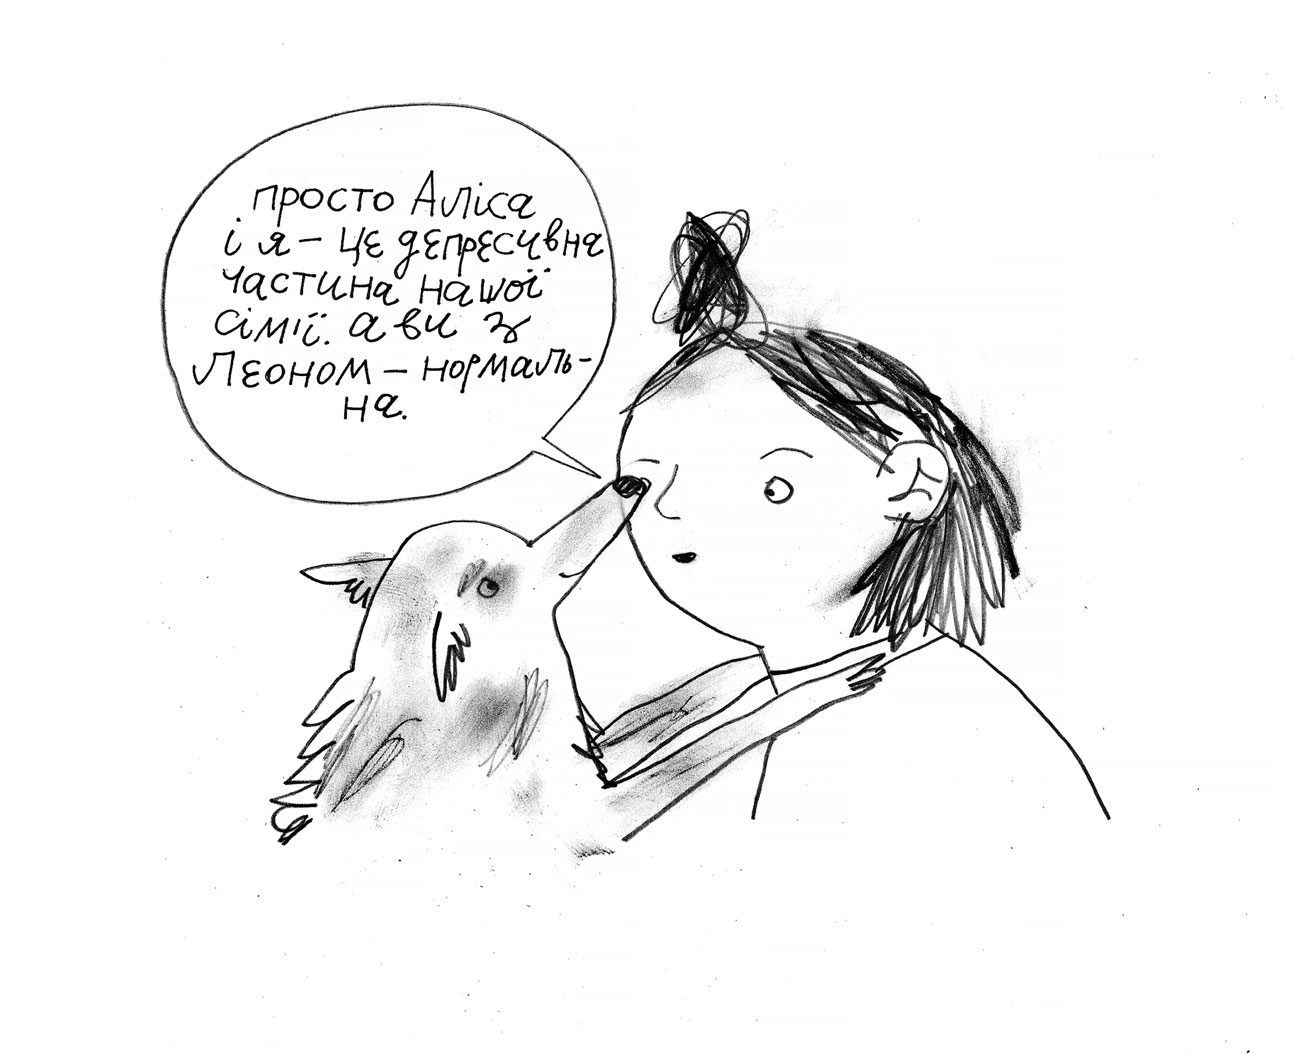 comics oliynik 29 - <b>Вам дісталася сумна дитина.</b> Комікс Жені Олійник про те, як депресія впливає на стосунки - Заборона